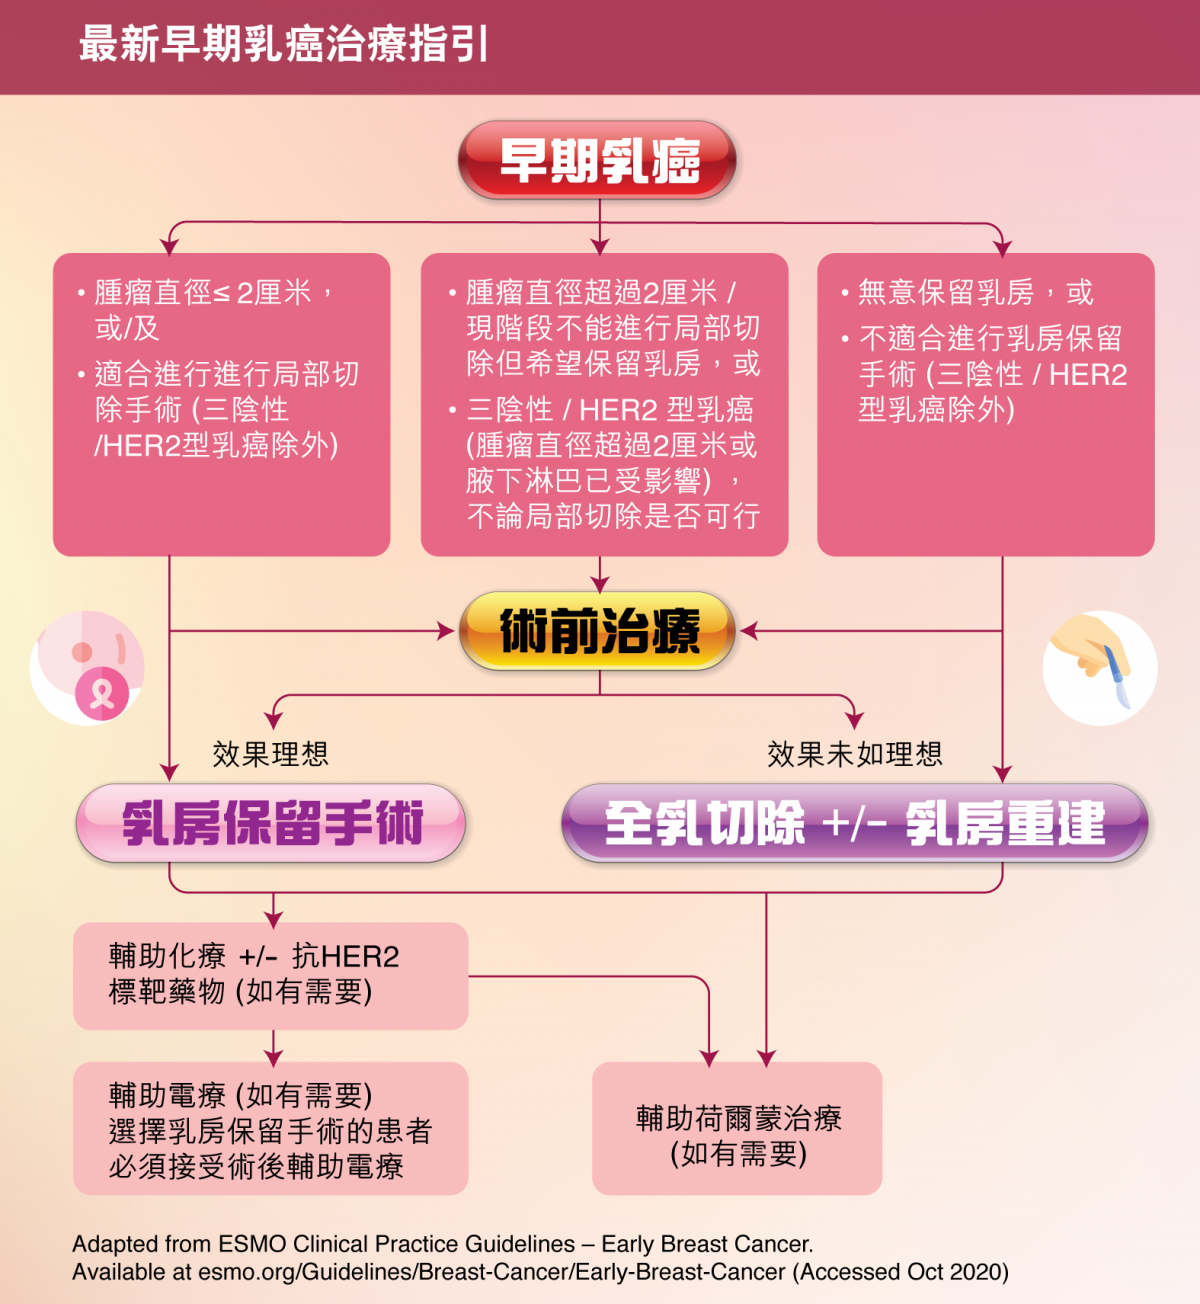 早期乳癌不同乳癌分類的國際乳癌治療指引